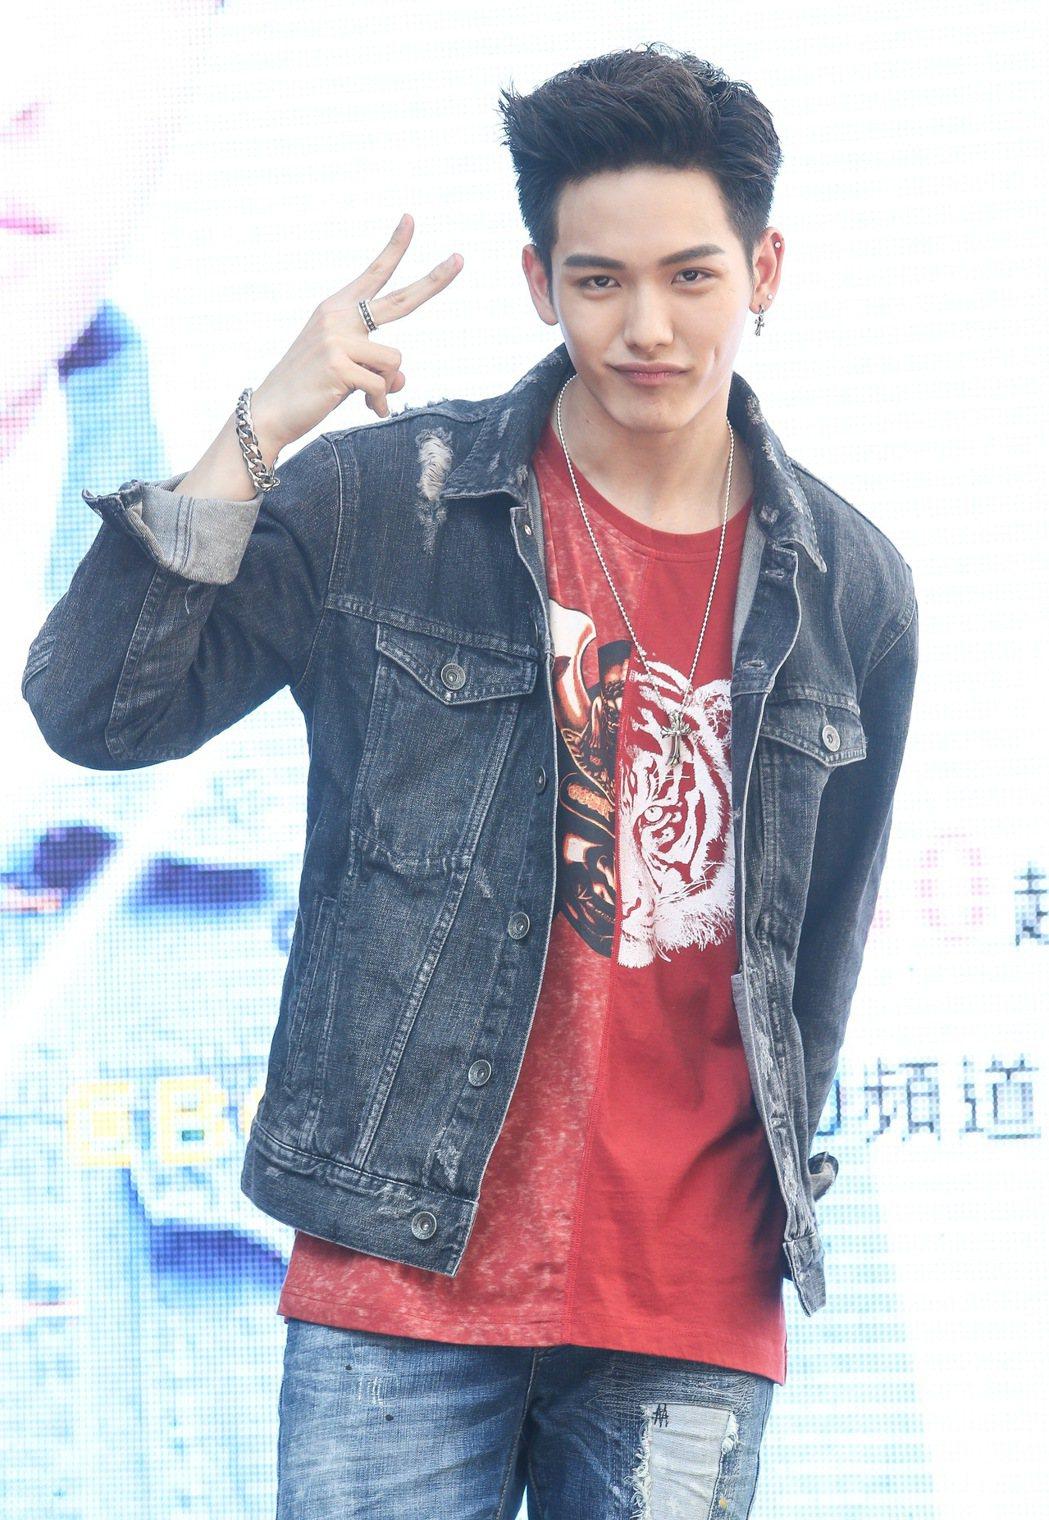 王以綸出席偶像劇「稍息立正我愛你」握手會。記者黃威彬/攝影